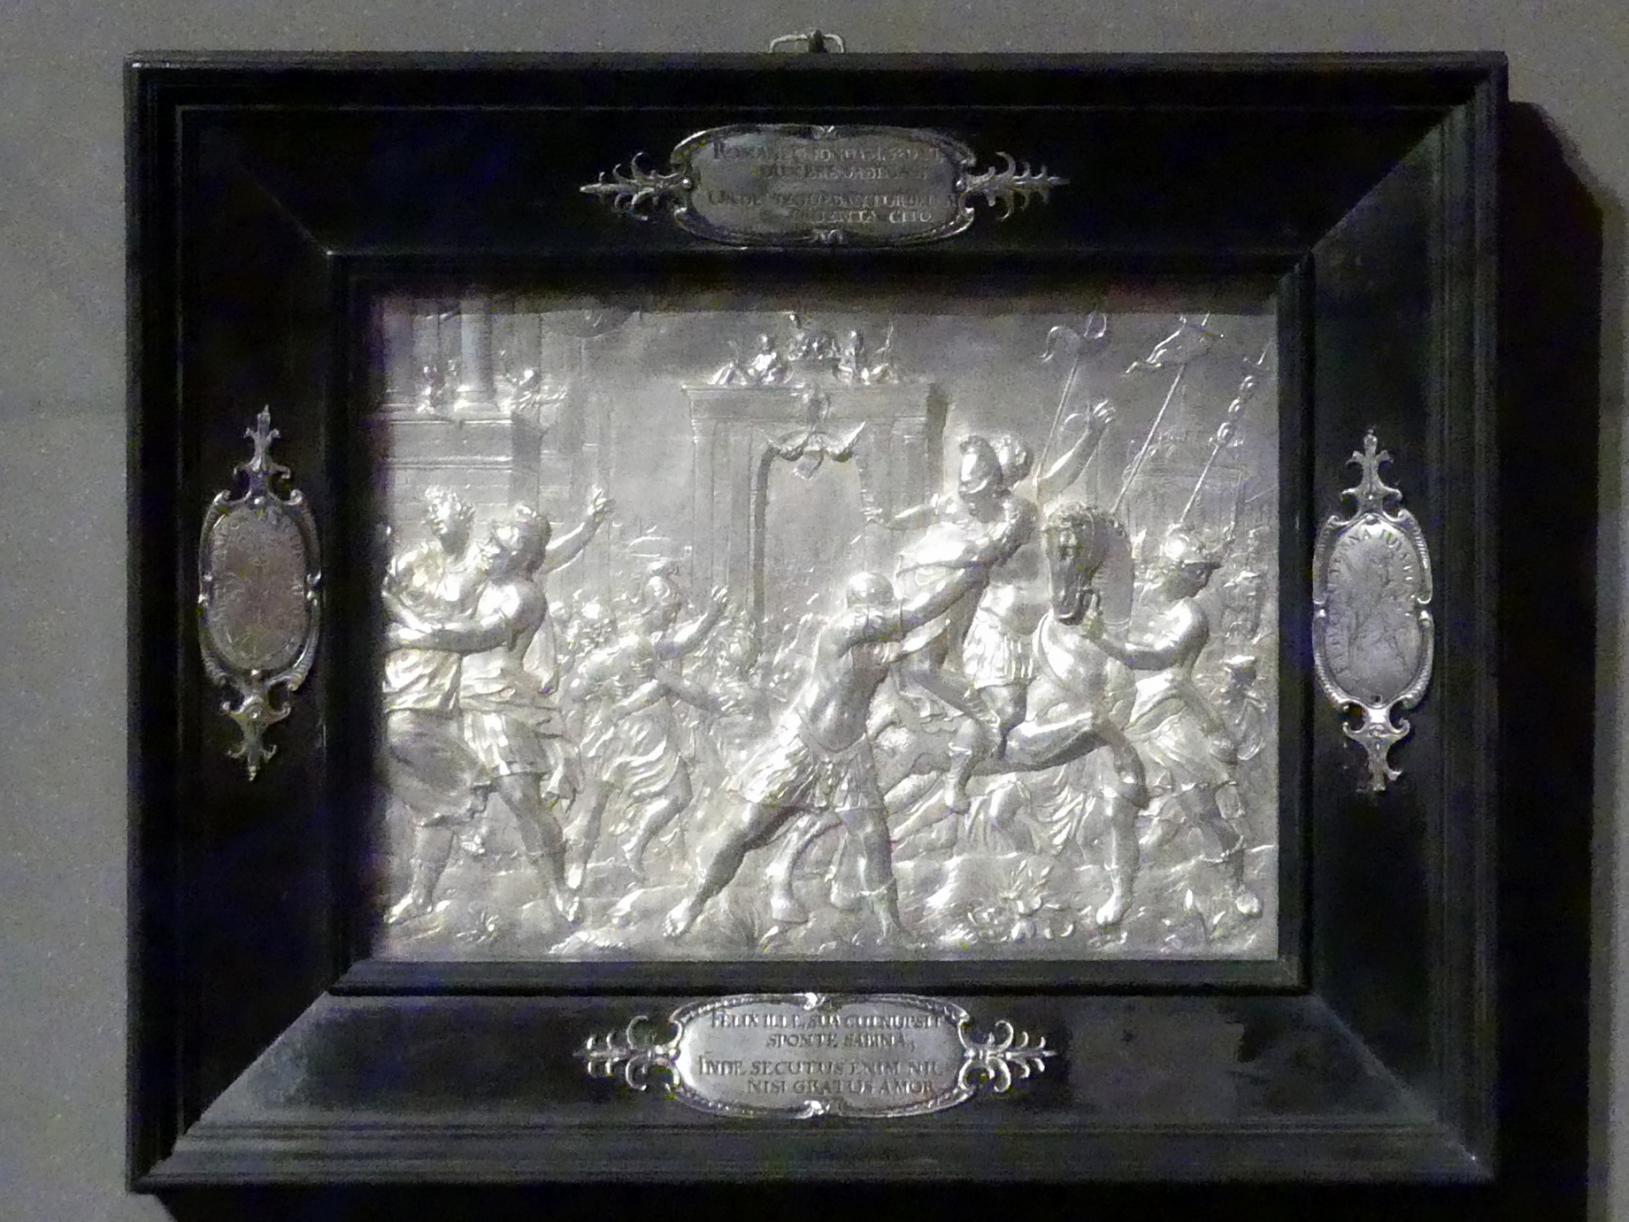 Raub der Sabinerinnen, um 1620 - 1625